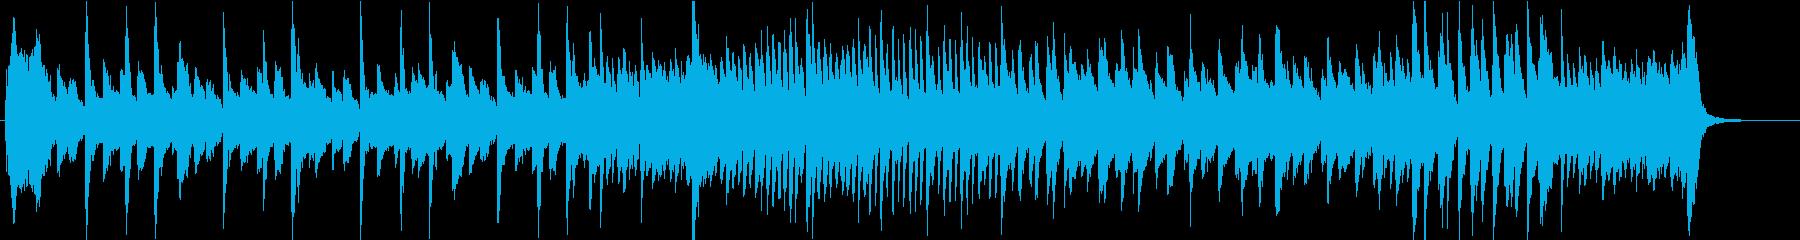 レトロでジャジー陽気なピアノソロBGMの再生済みの波形